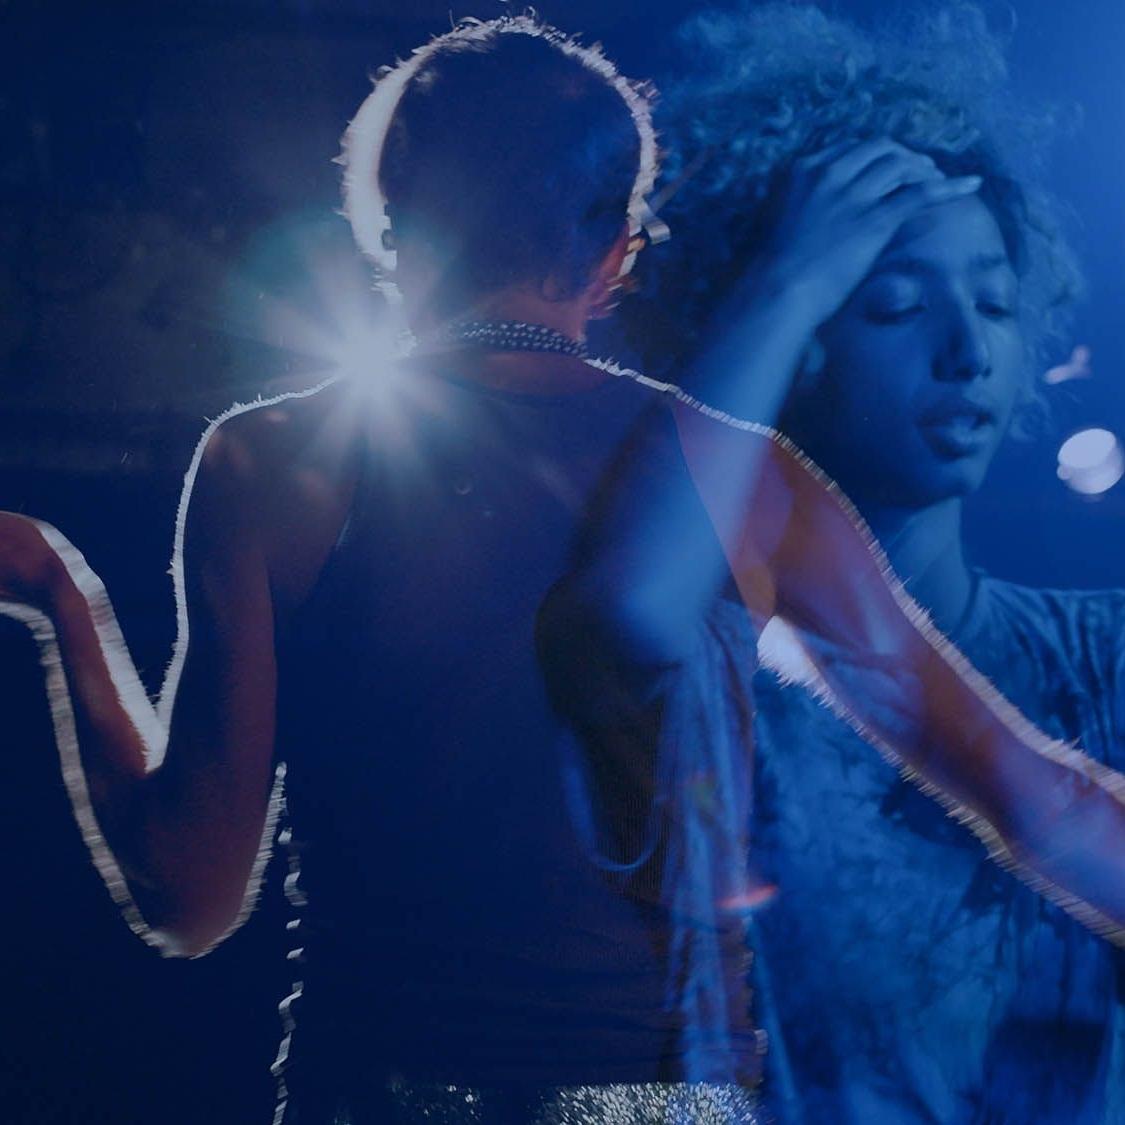 _11_Dance_Dance_Evolution_Mattilda_Sycamore_Bernstein_Max_Monroe.jpg